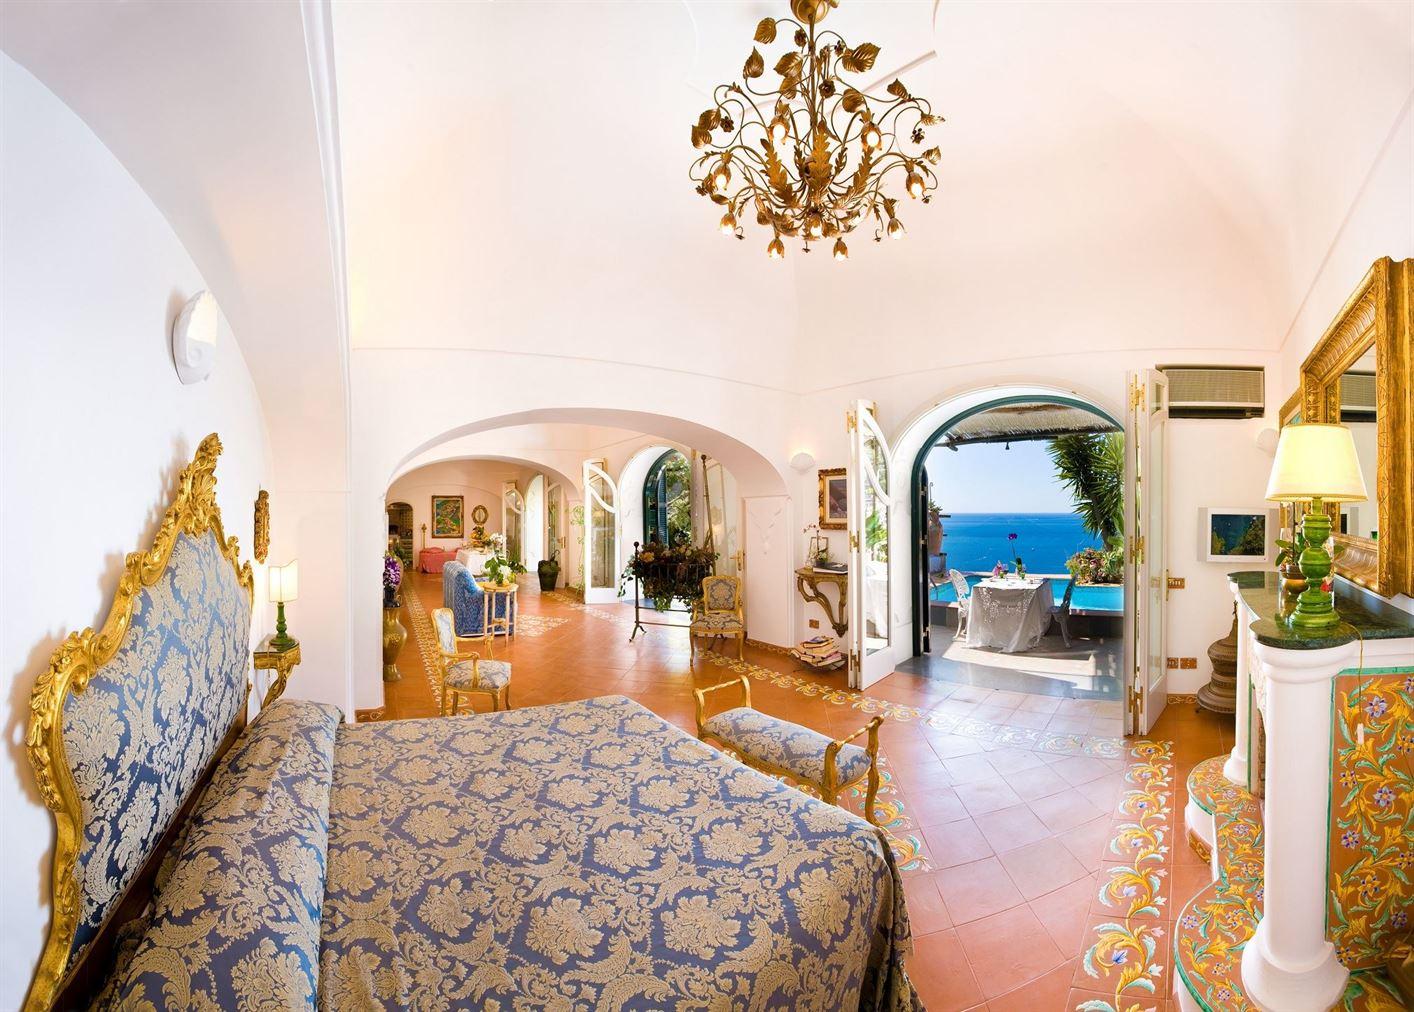 villa fiorentino lifestyle